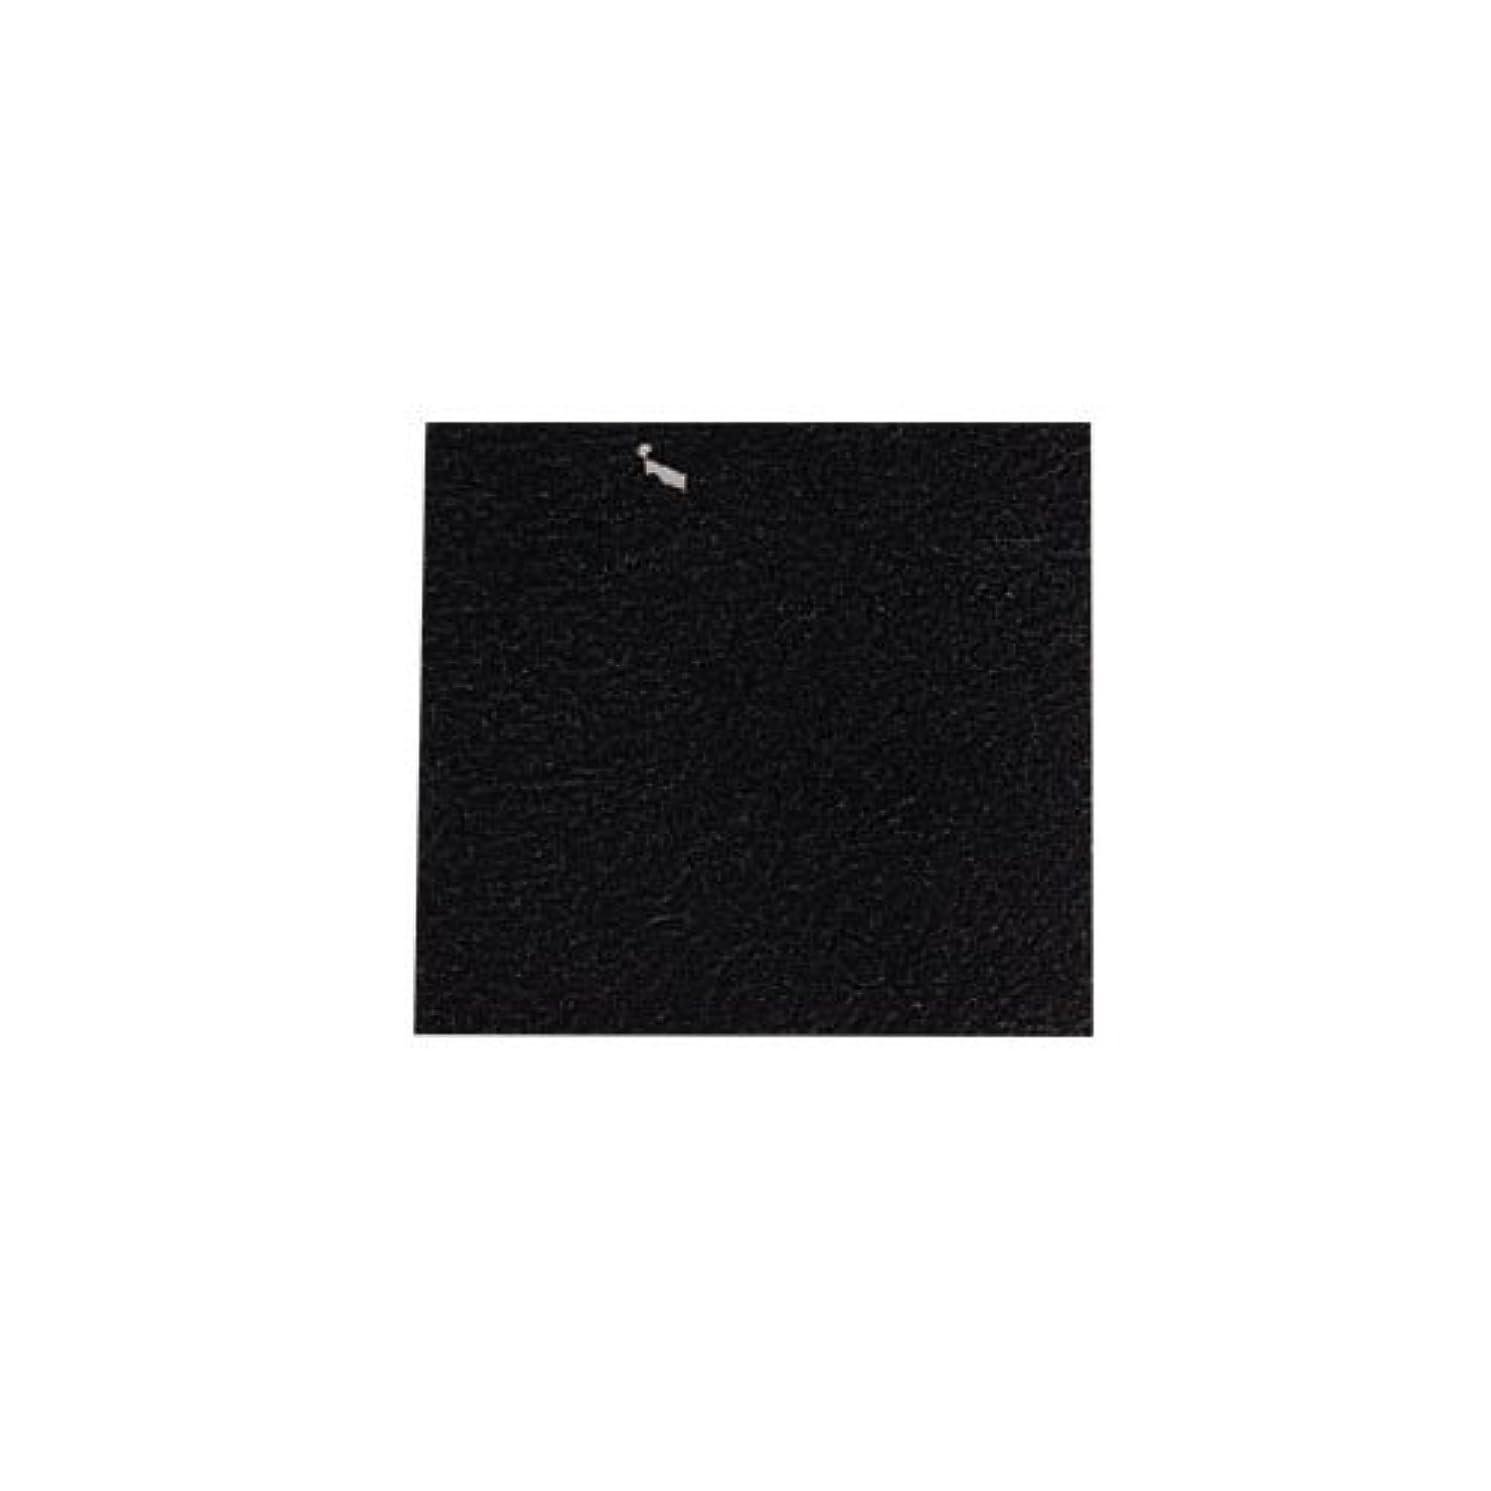 熟読他の場所はっきりとピカエース ネイル用パウダー カラー純銀箔 #620 黒色 3.5㎜角×5枚